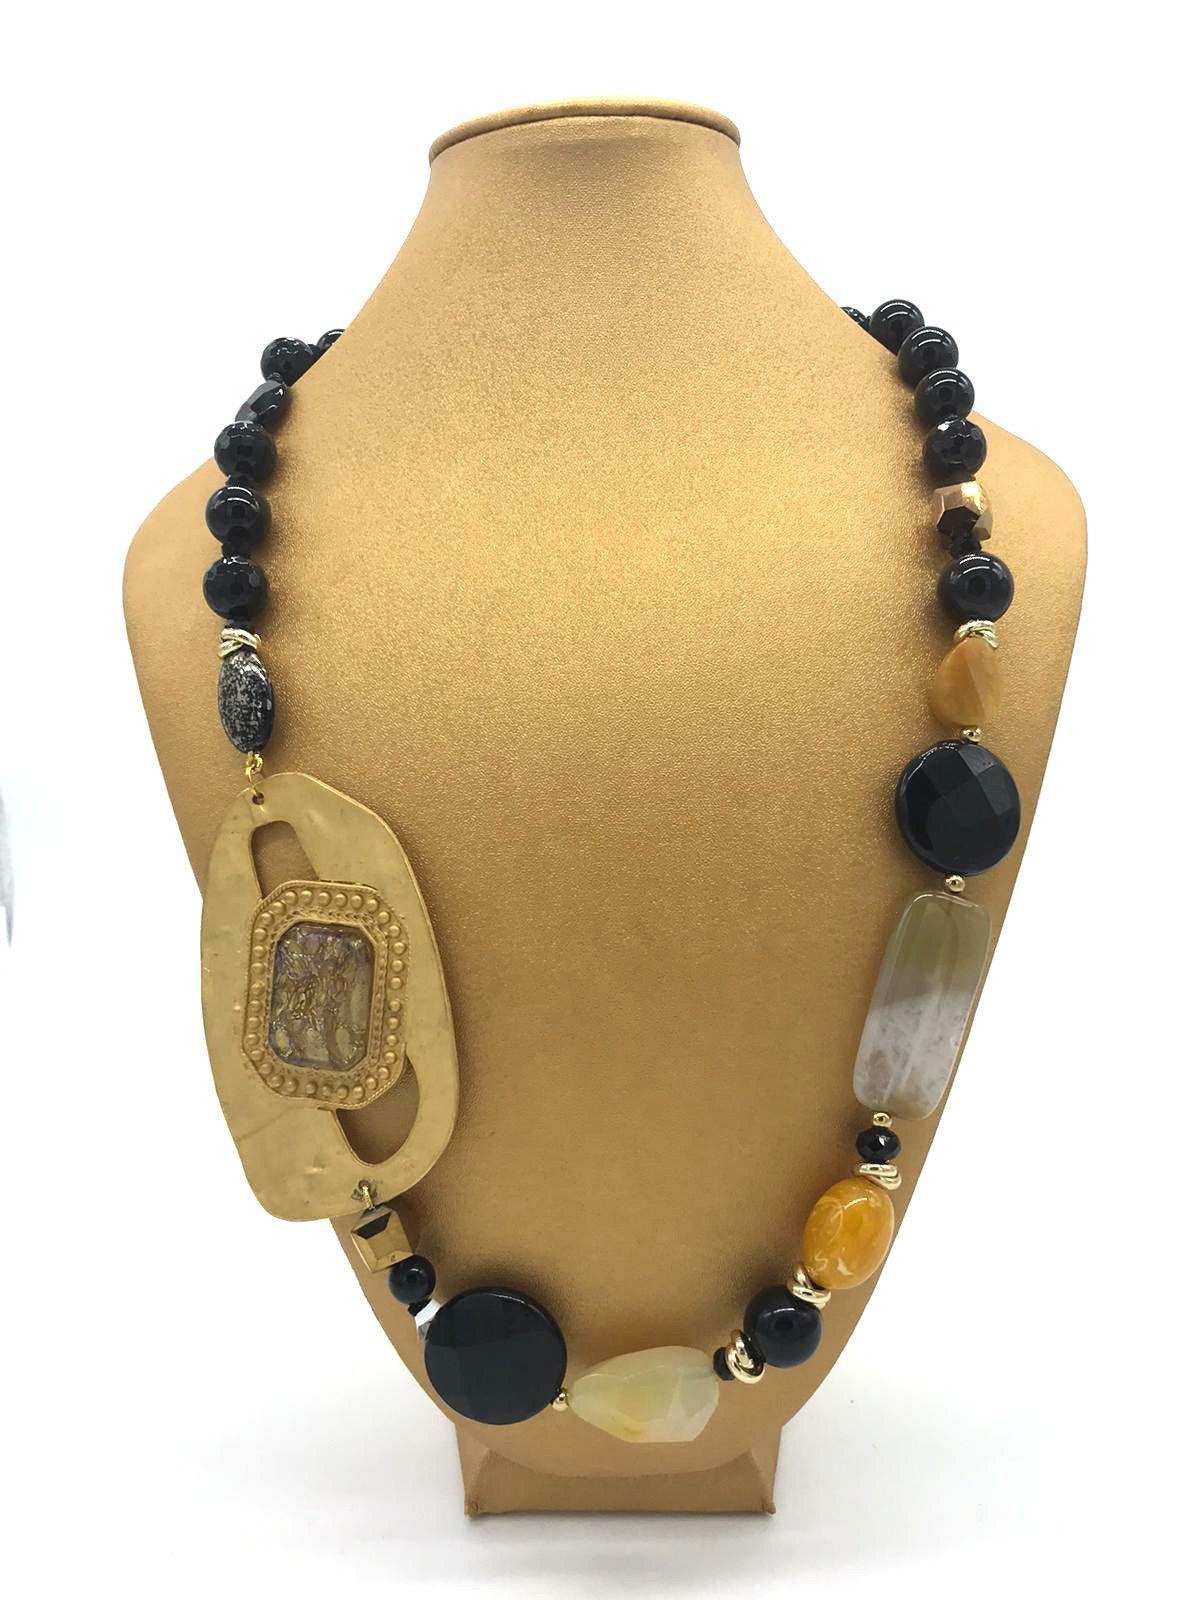 Collana in agata nera con fermaglio color oro